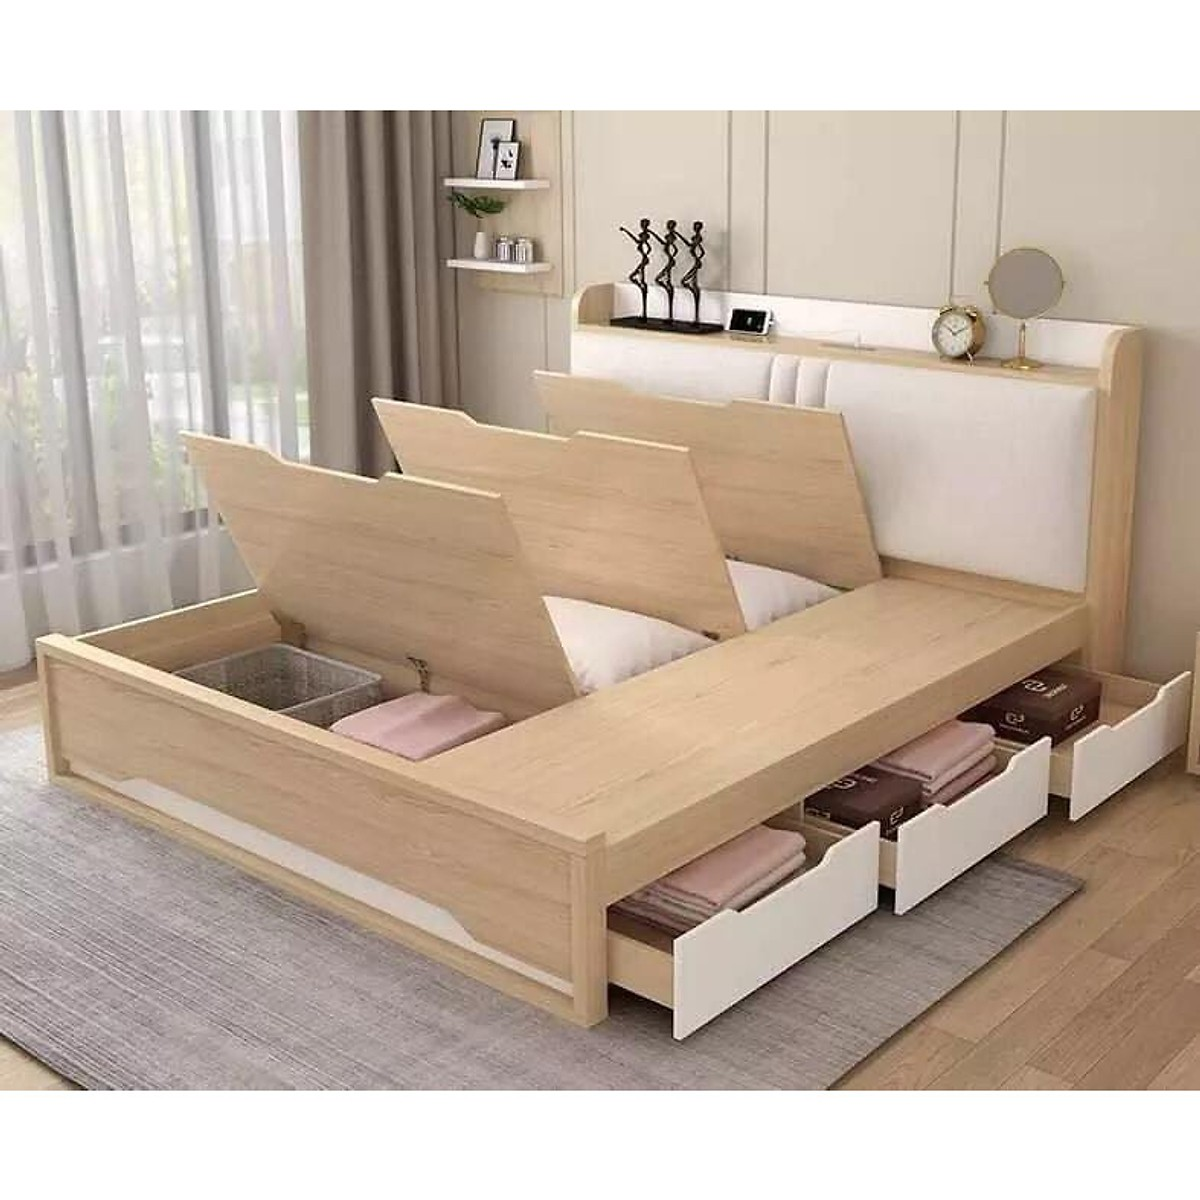 Giường Ngủ Thông Minh OHAHA ( Rộng x Dài: 180cm x 200cm ) - Giường ngủ  Thương hiệu OHAHA.VN | SieuThiChoLon.com